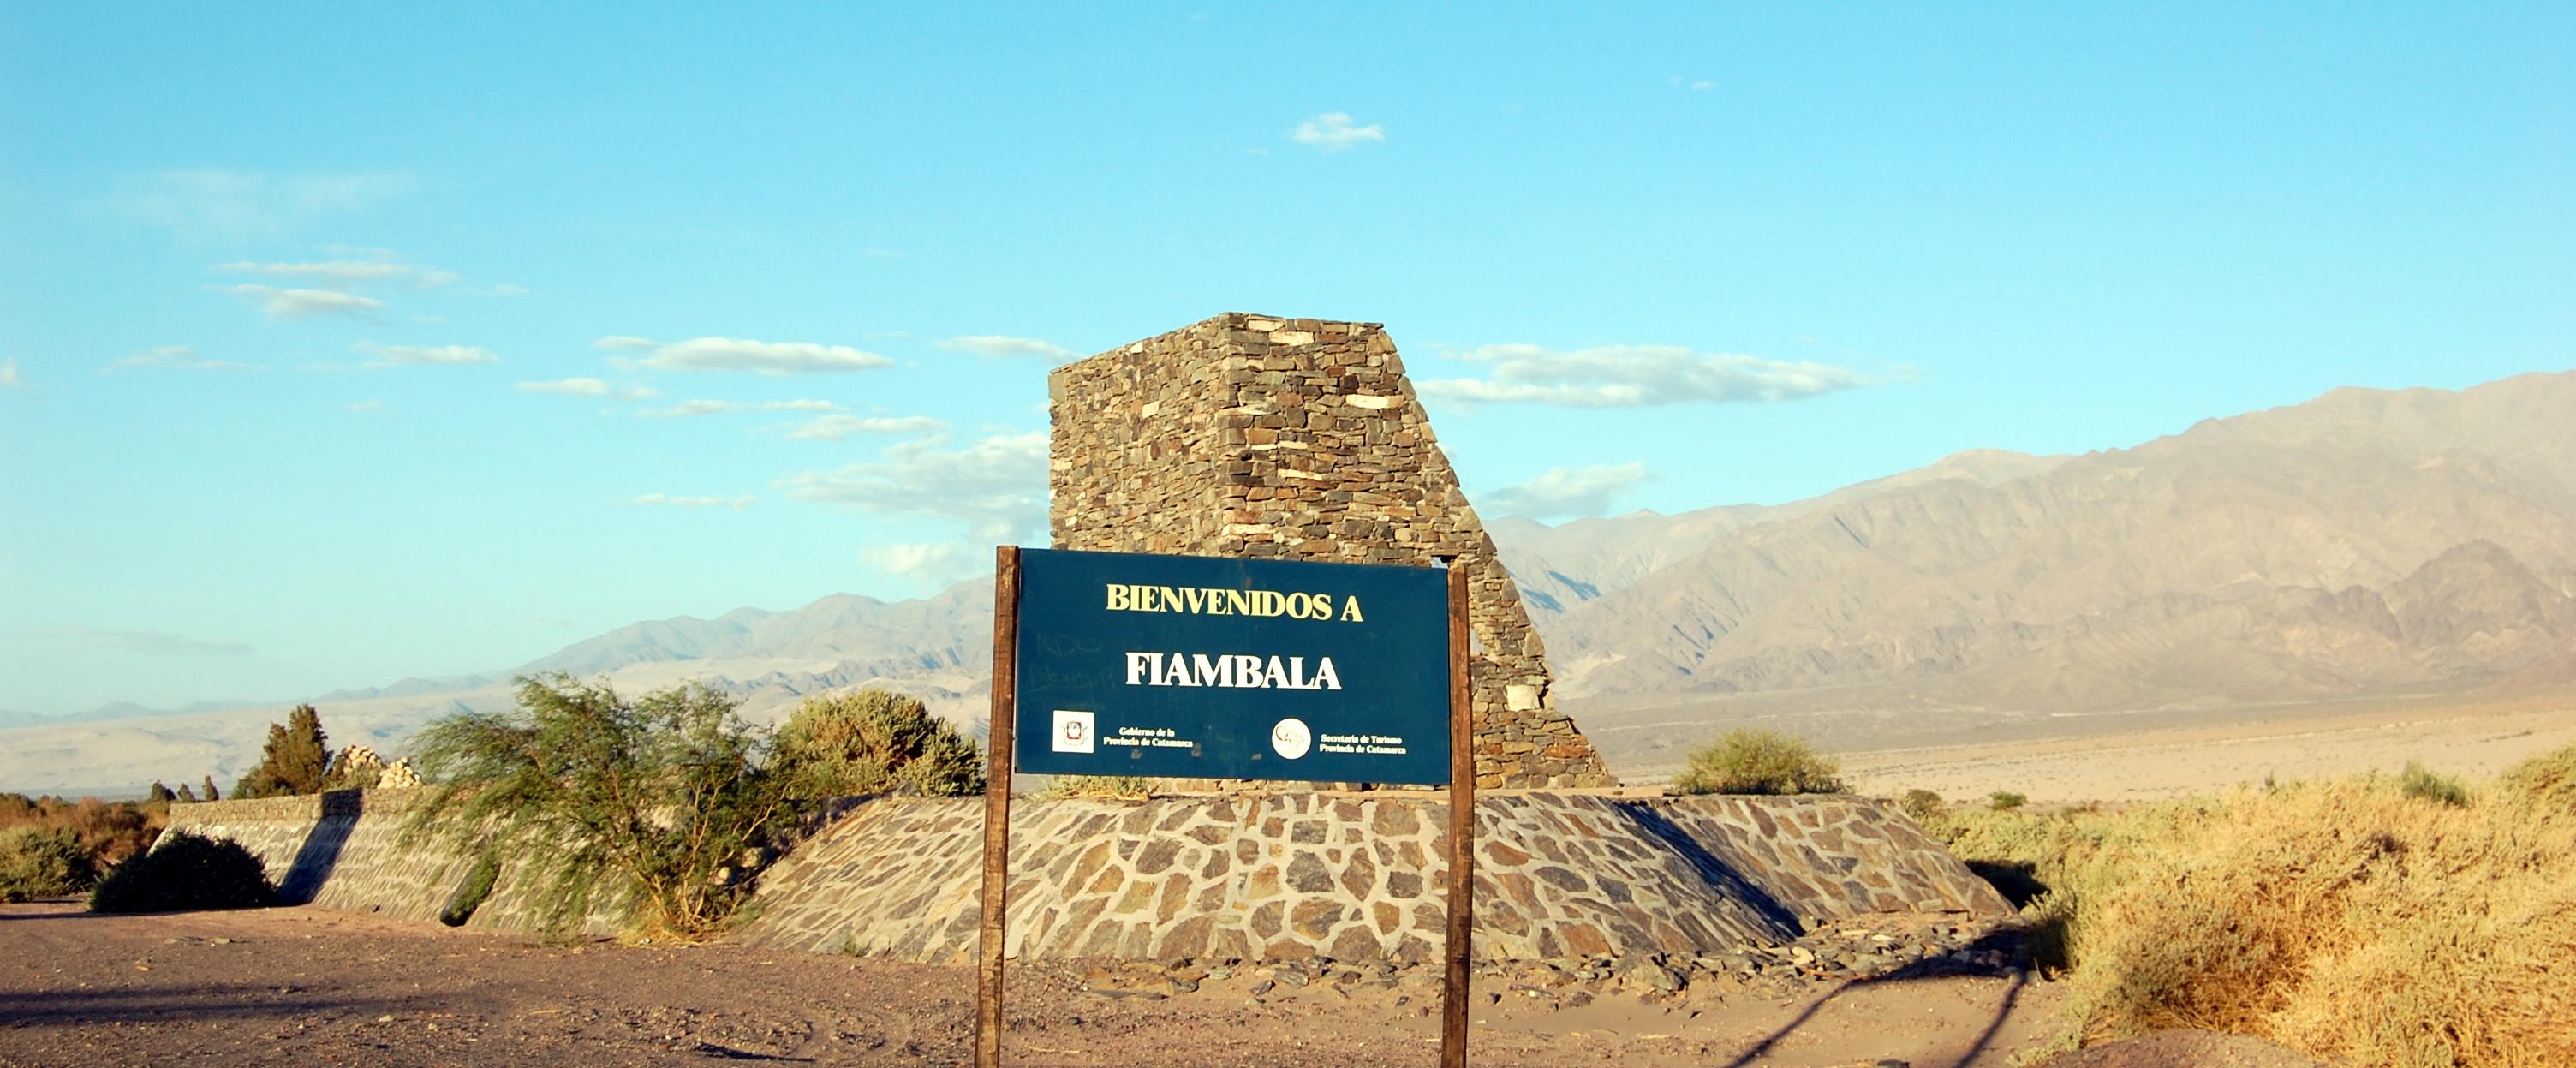 Fiambala - Ruta de los volcanes